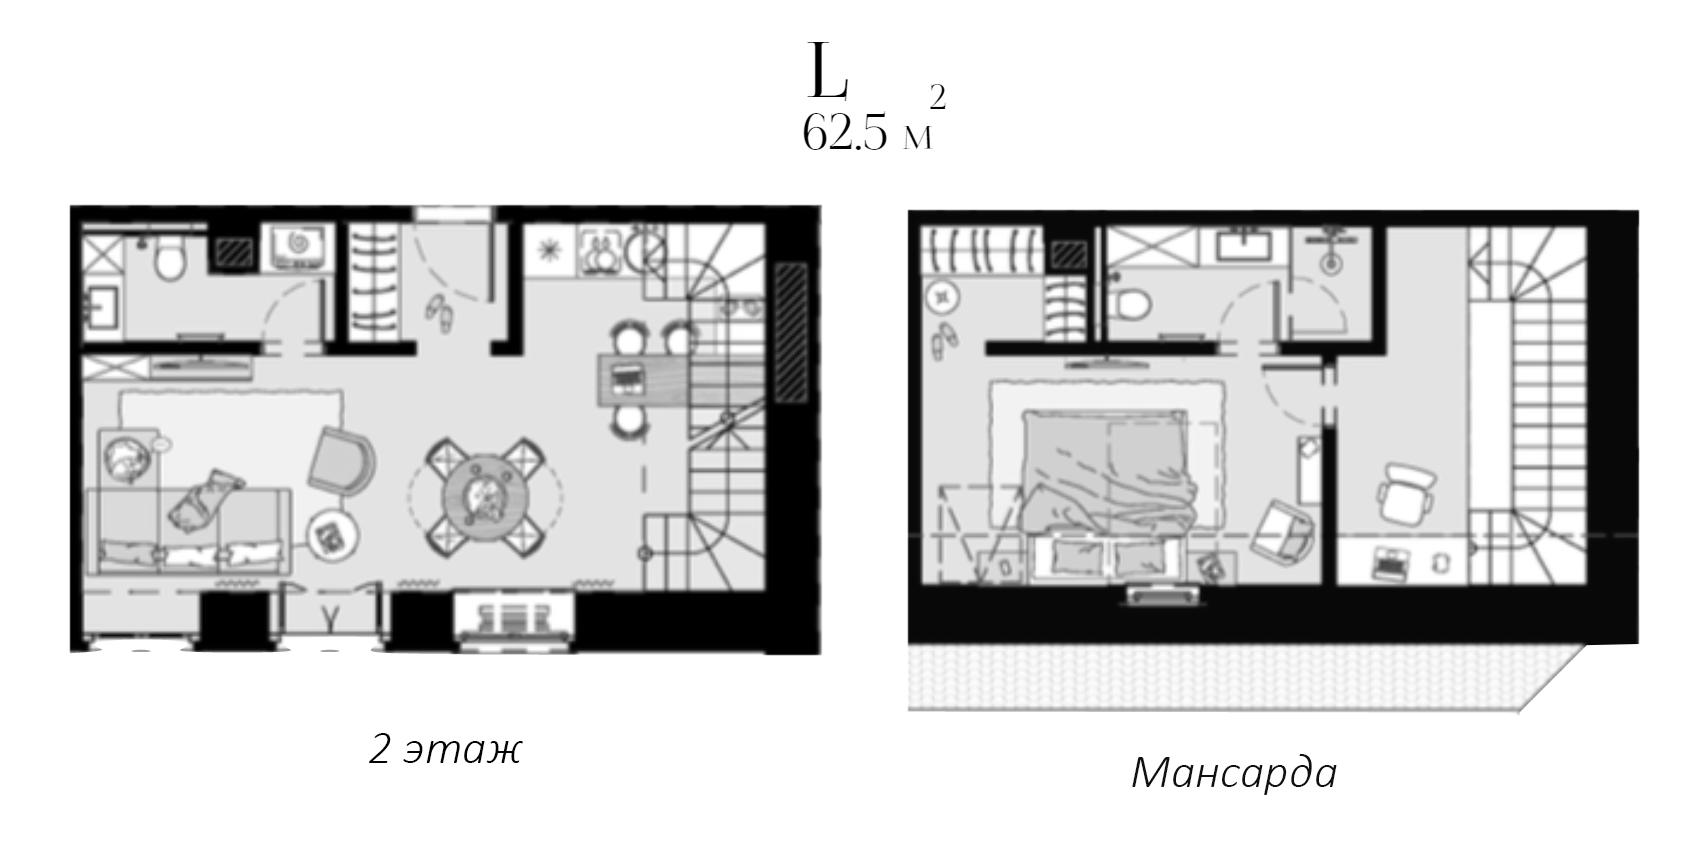 Своб. план., 62.5 м²